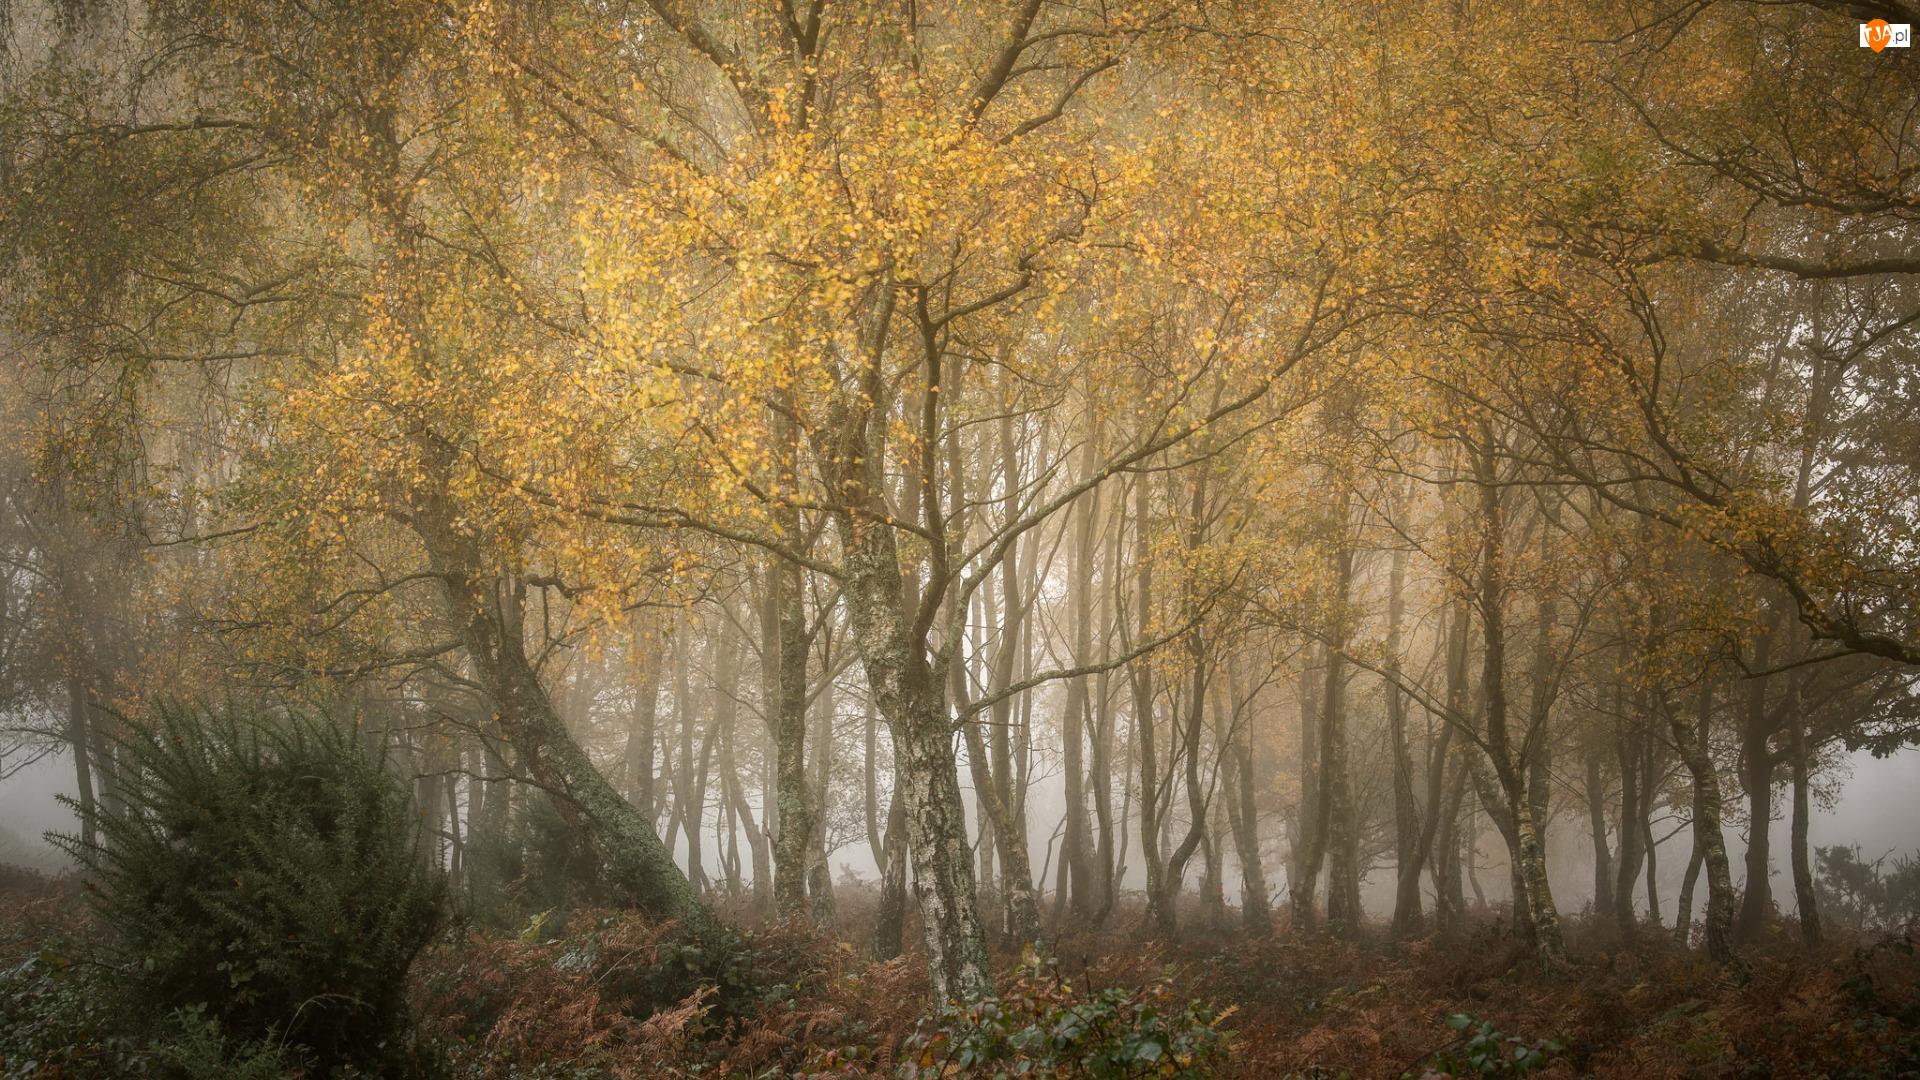 Drzewa, Mgła, Las, Jesień, Brzozy